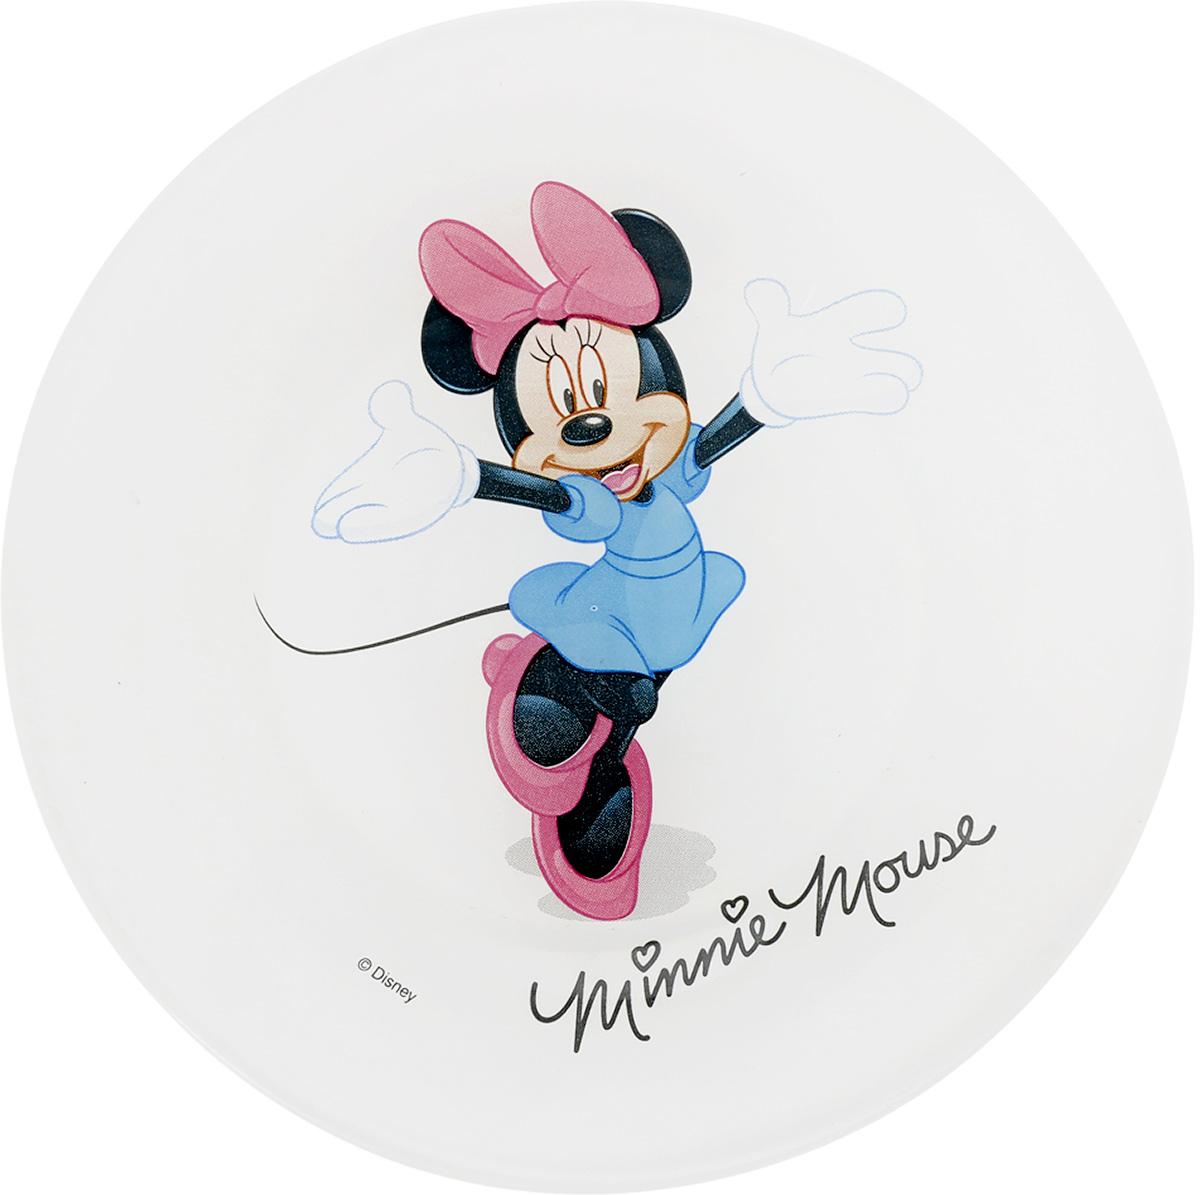 Тарелка десертная Luminarc Minnie Colors, диаметр 19,5 см115510Десертная тарелка Luminarc Minnie Colors, изготовленная из ударопрочного стекла, имеет приятный внешний вид. Такая тарелка обязательно понравится вашему ребенку. Идеальна для подачи десертов, пирожных, тортов и многого другого. Она прекрасно оформит стол и станет отличным дополнением к вашей коллекции кухонной посуды. Диаметр тарелки (по верхнему краю): 19,5 см. Высота тарелки: 1,5 см.